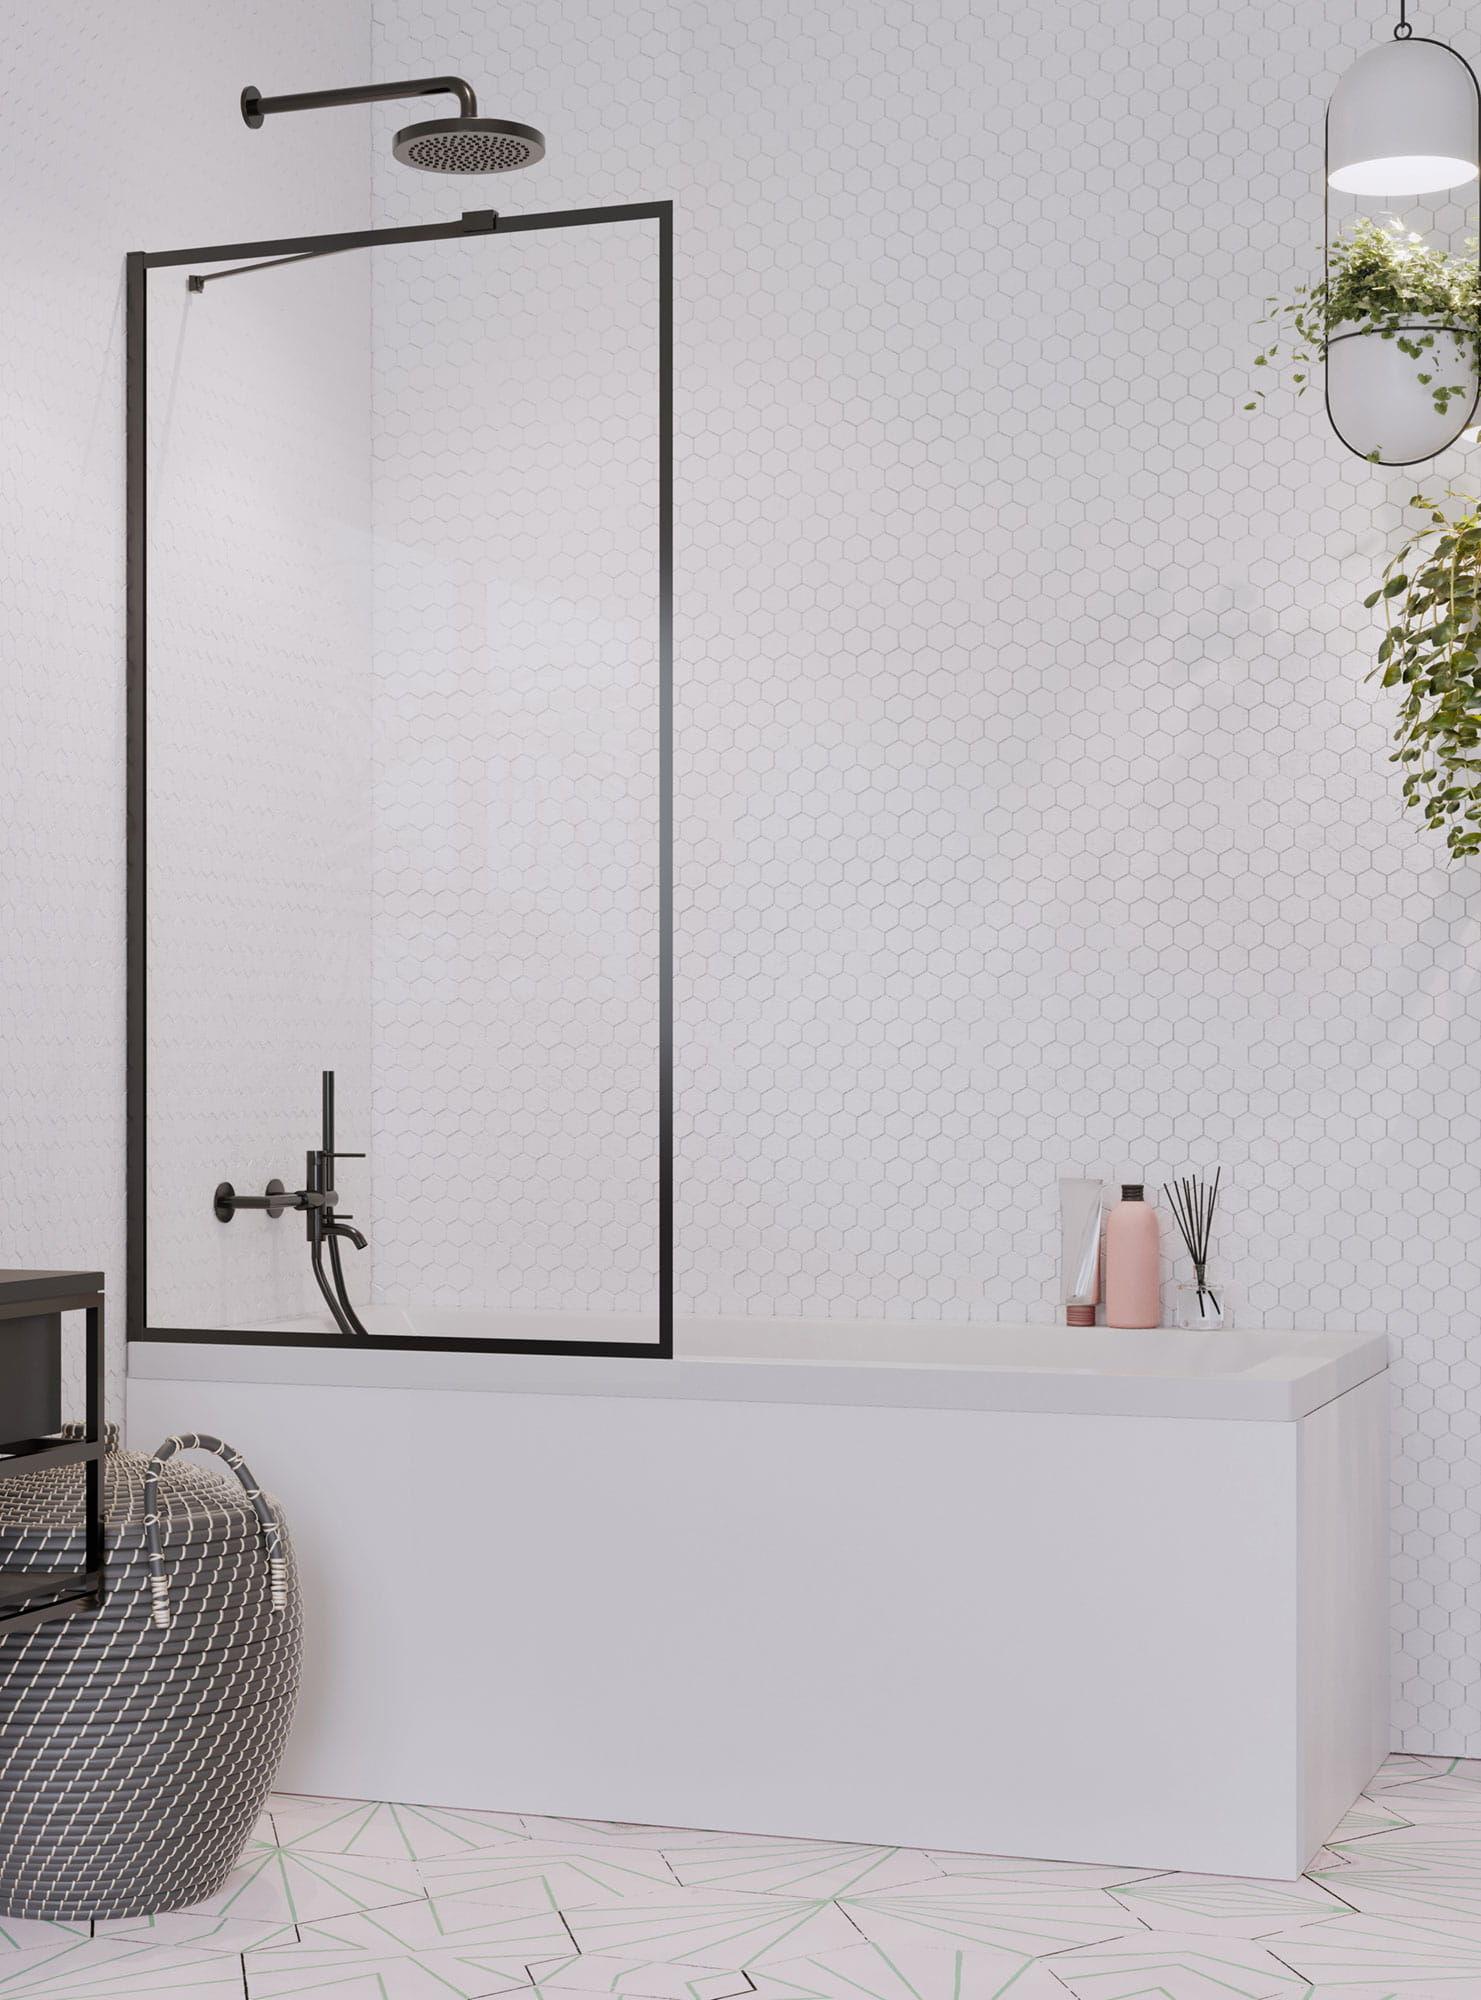 Radaway parawan nawannowy Idea Black PNJ Frame 60 cm, szkło przejrzyste, wys. 150 cm 10001060-54-56